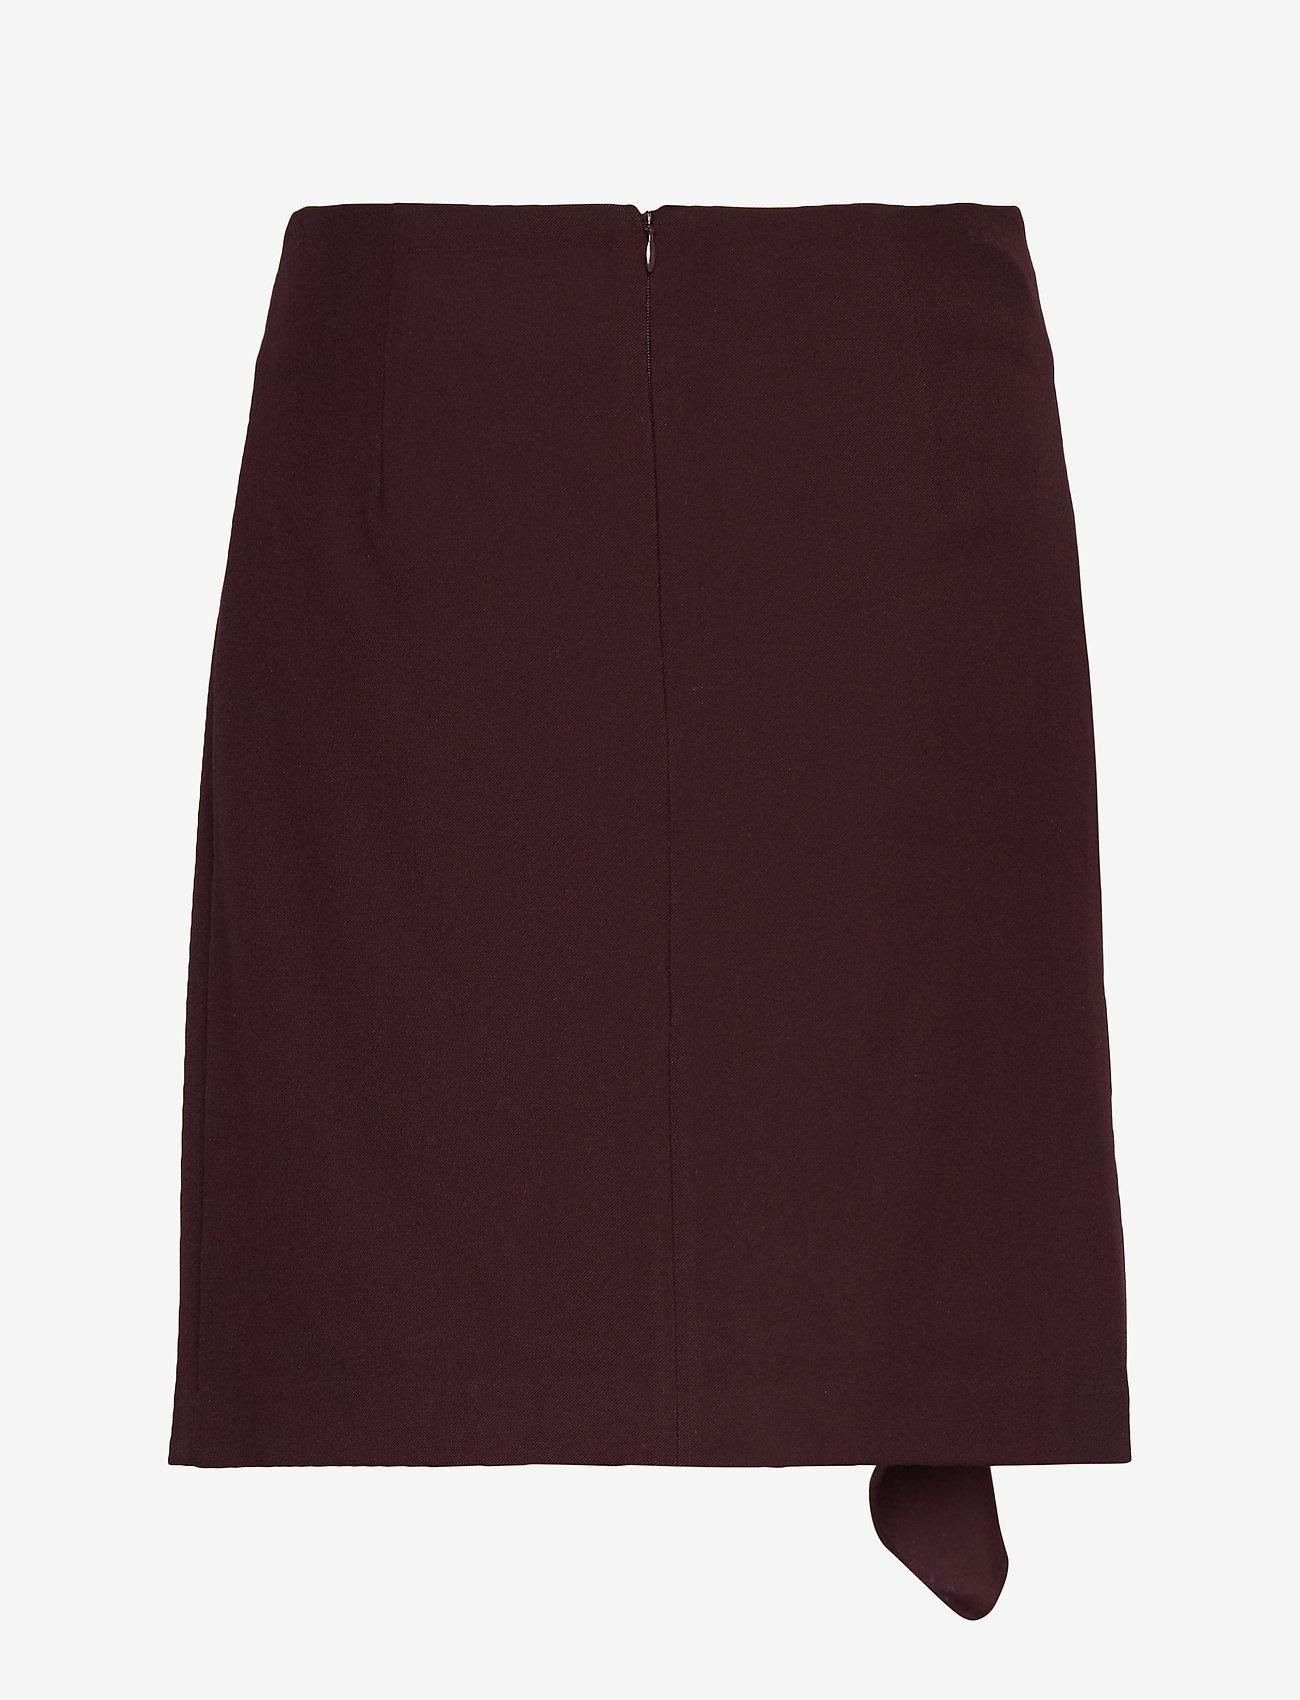 Ivana Skirt (Rouge Noir) (915.75 kr) - DESIGNERS, REMIX